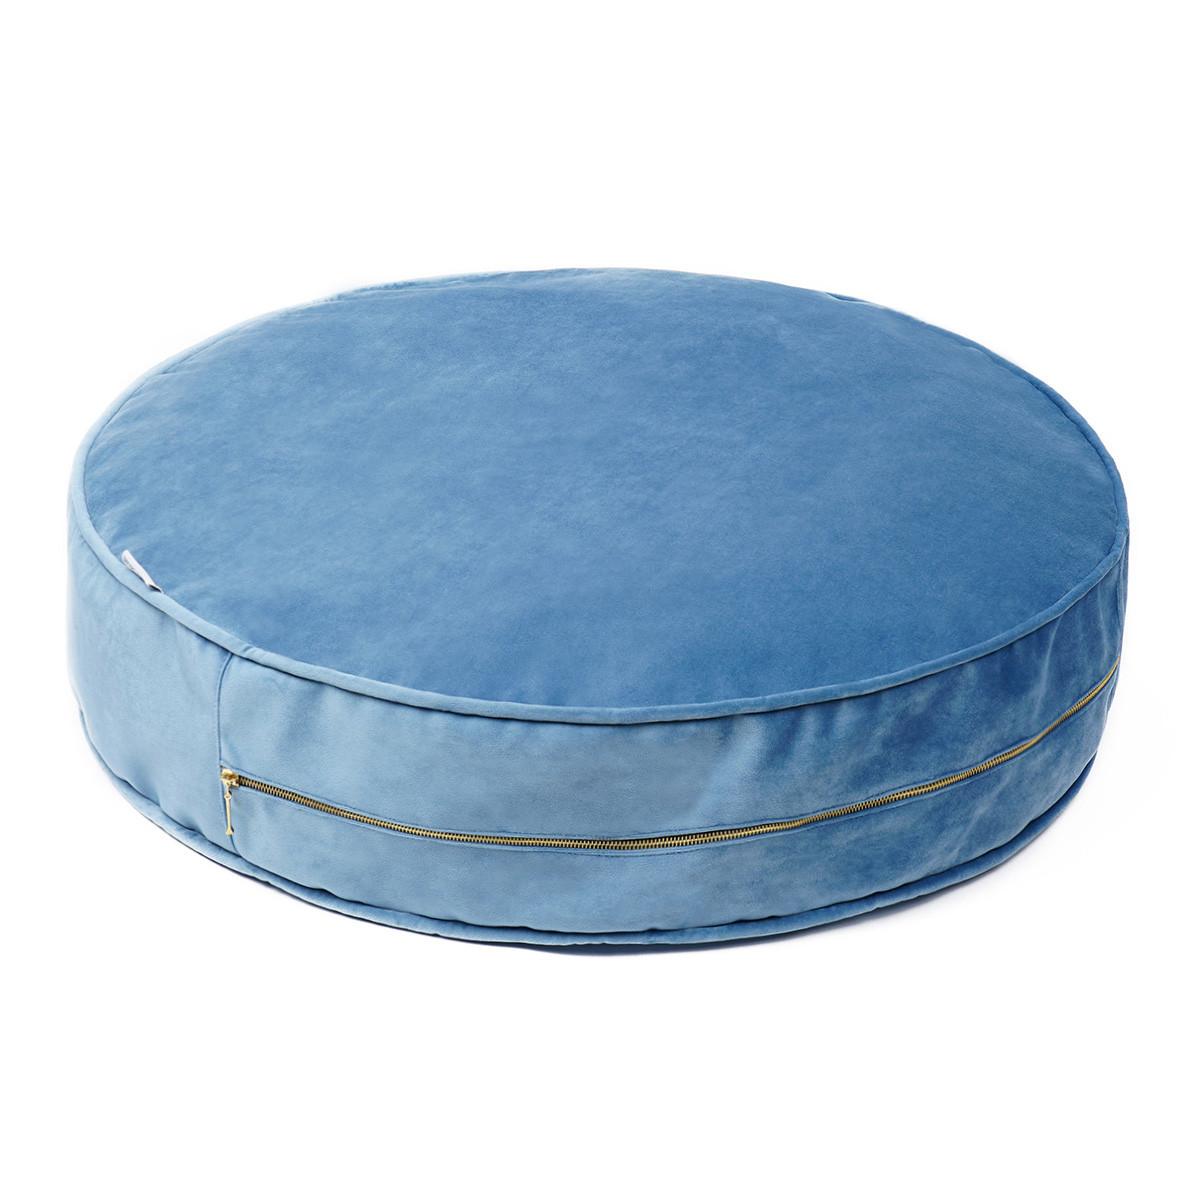 Sitzkissen Samt 60 cm | Blau